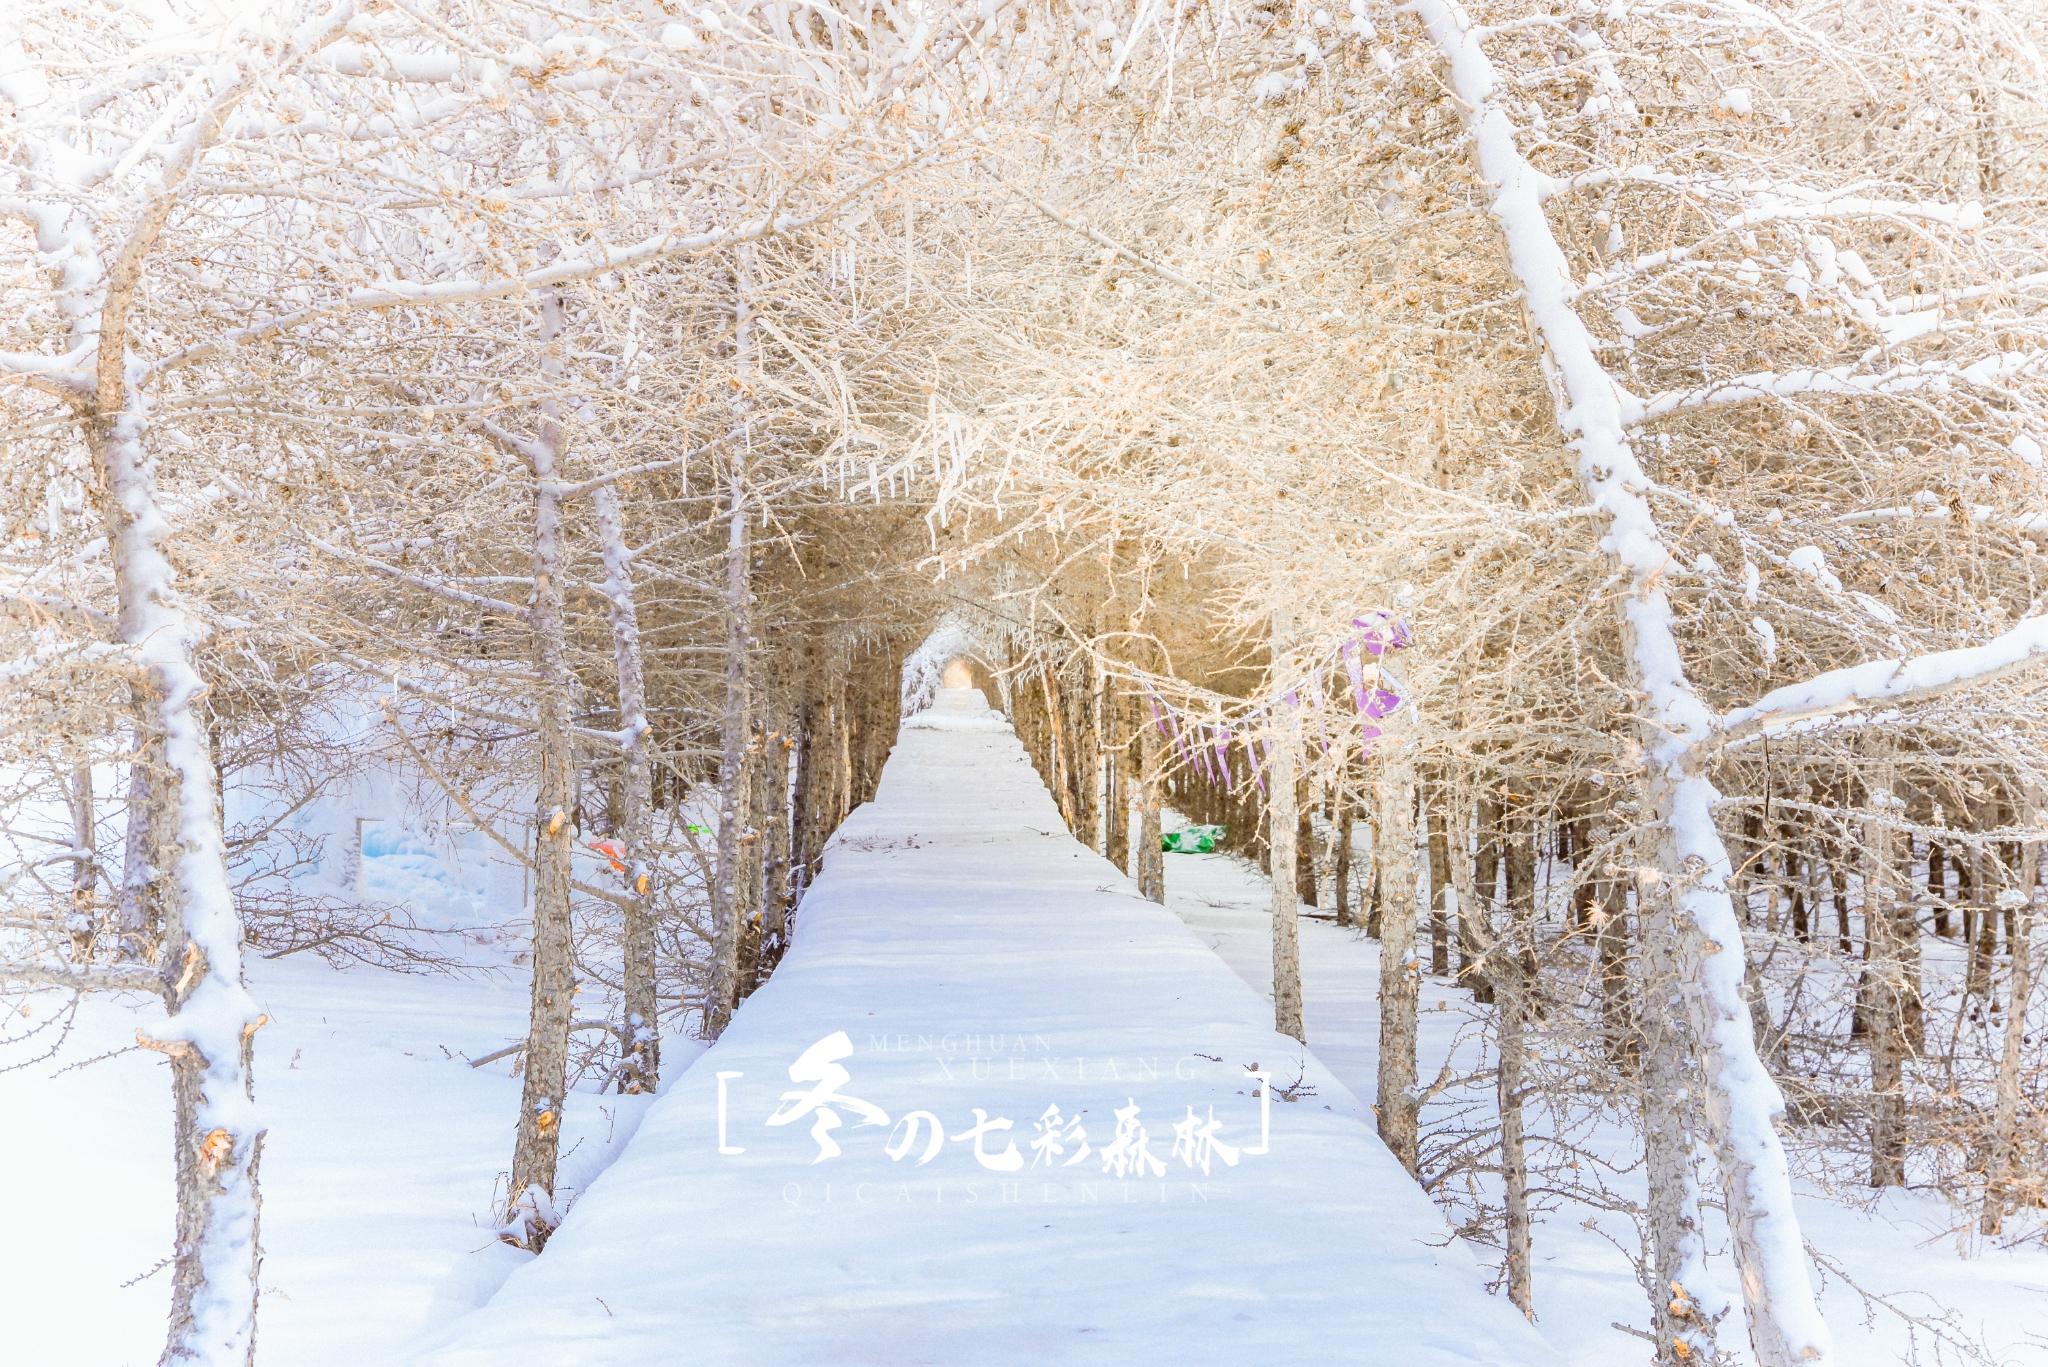 邂逅冬日七彩森林,遇见浪漫梦幻雪乡